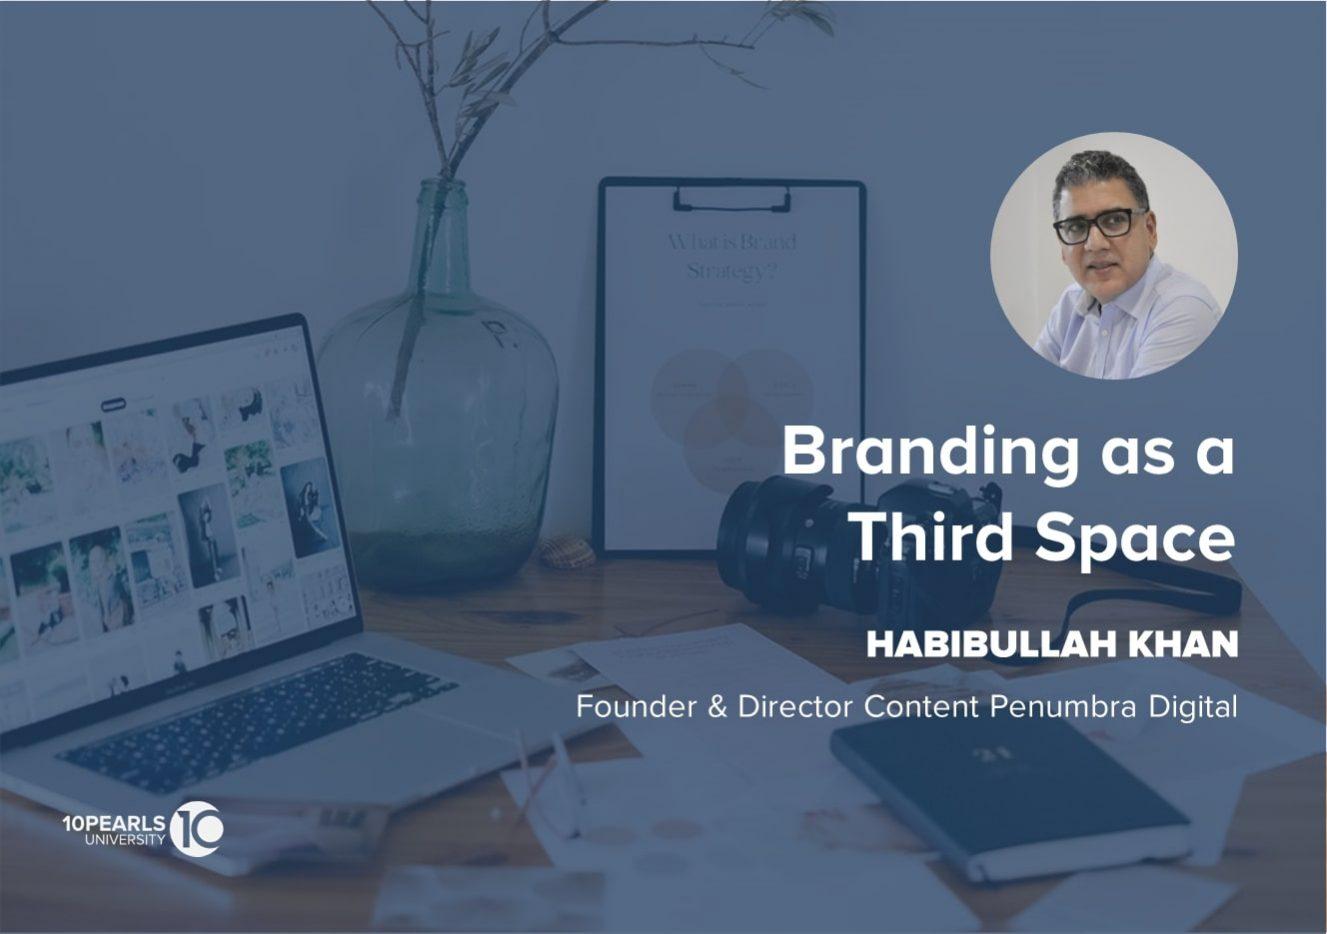 Branding as a Third Space